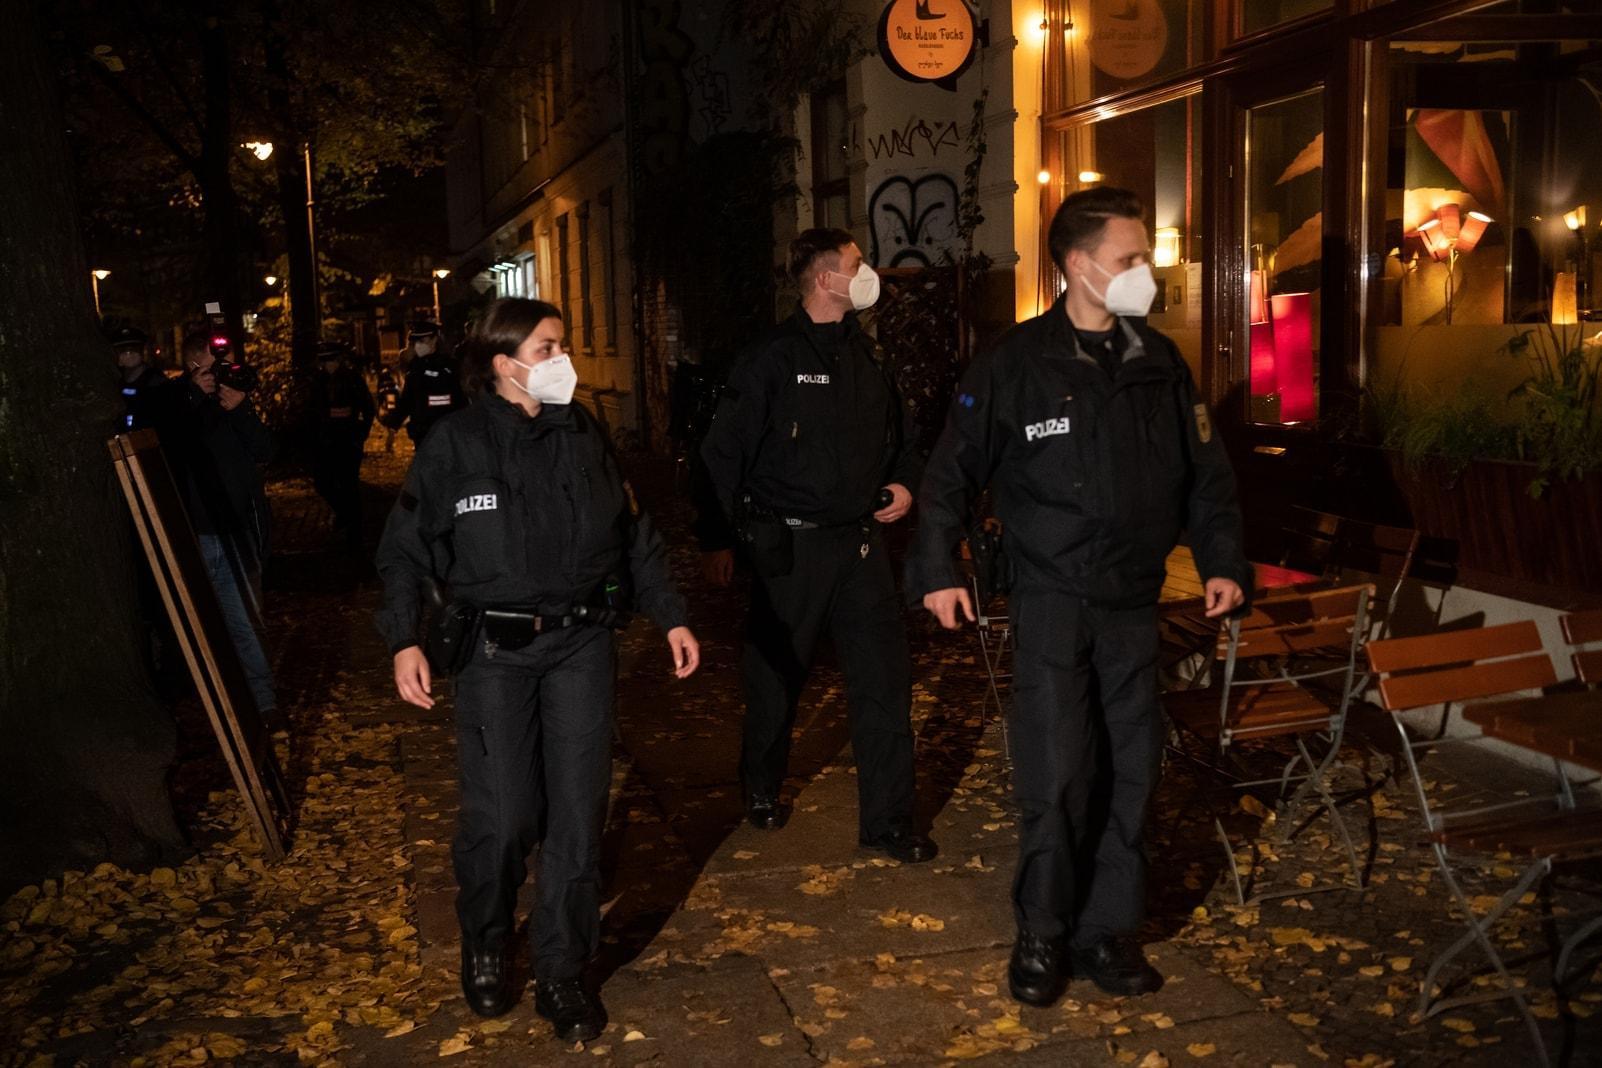 Berliner Polizei Party